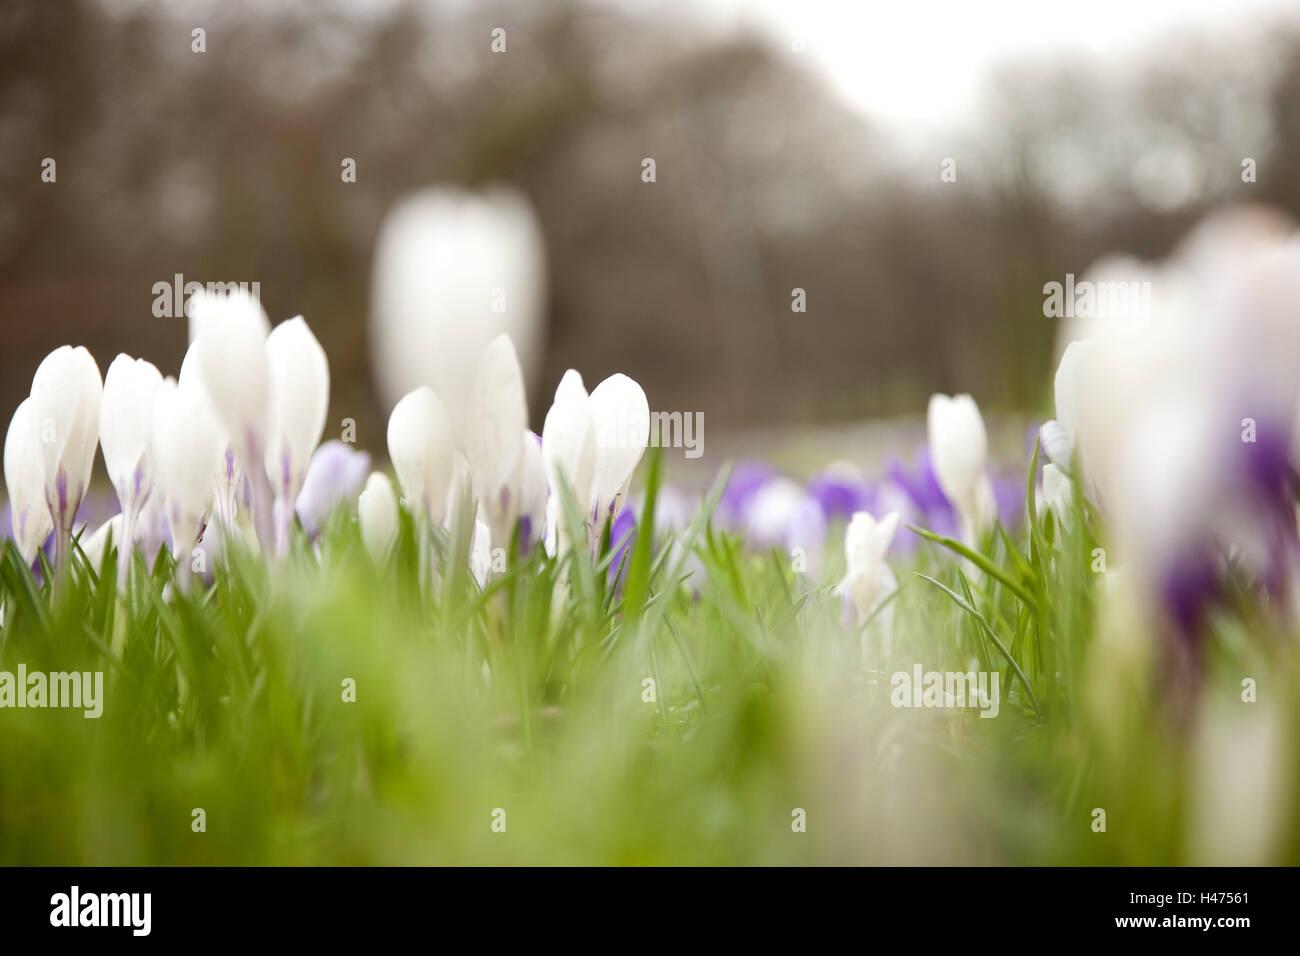 Grass Krokusse Aussen Fruhling Jahreszeiten Pflanzen Blumen